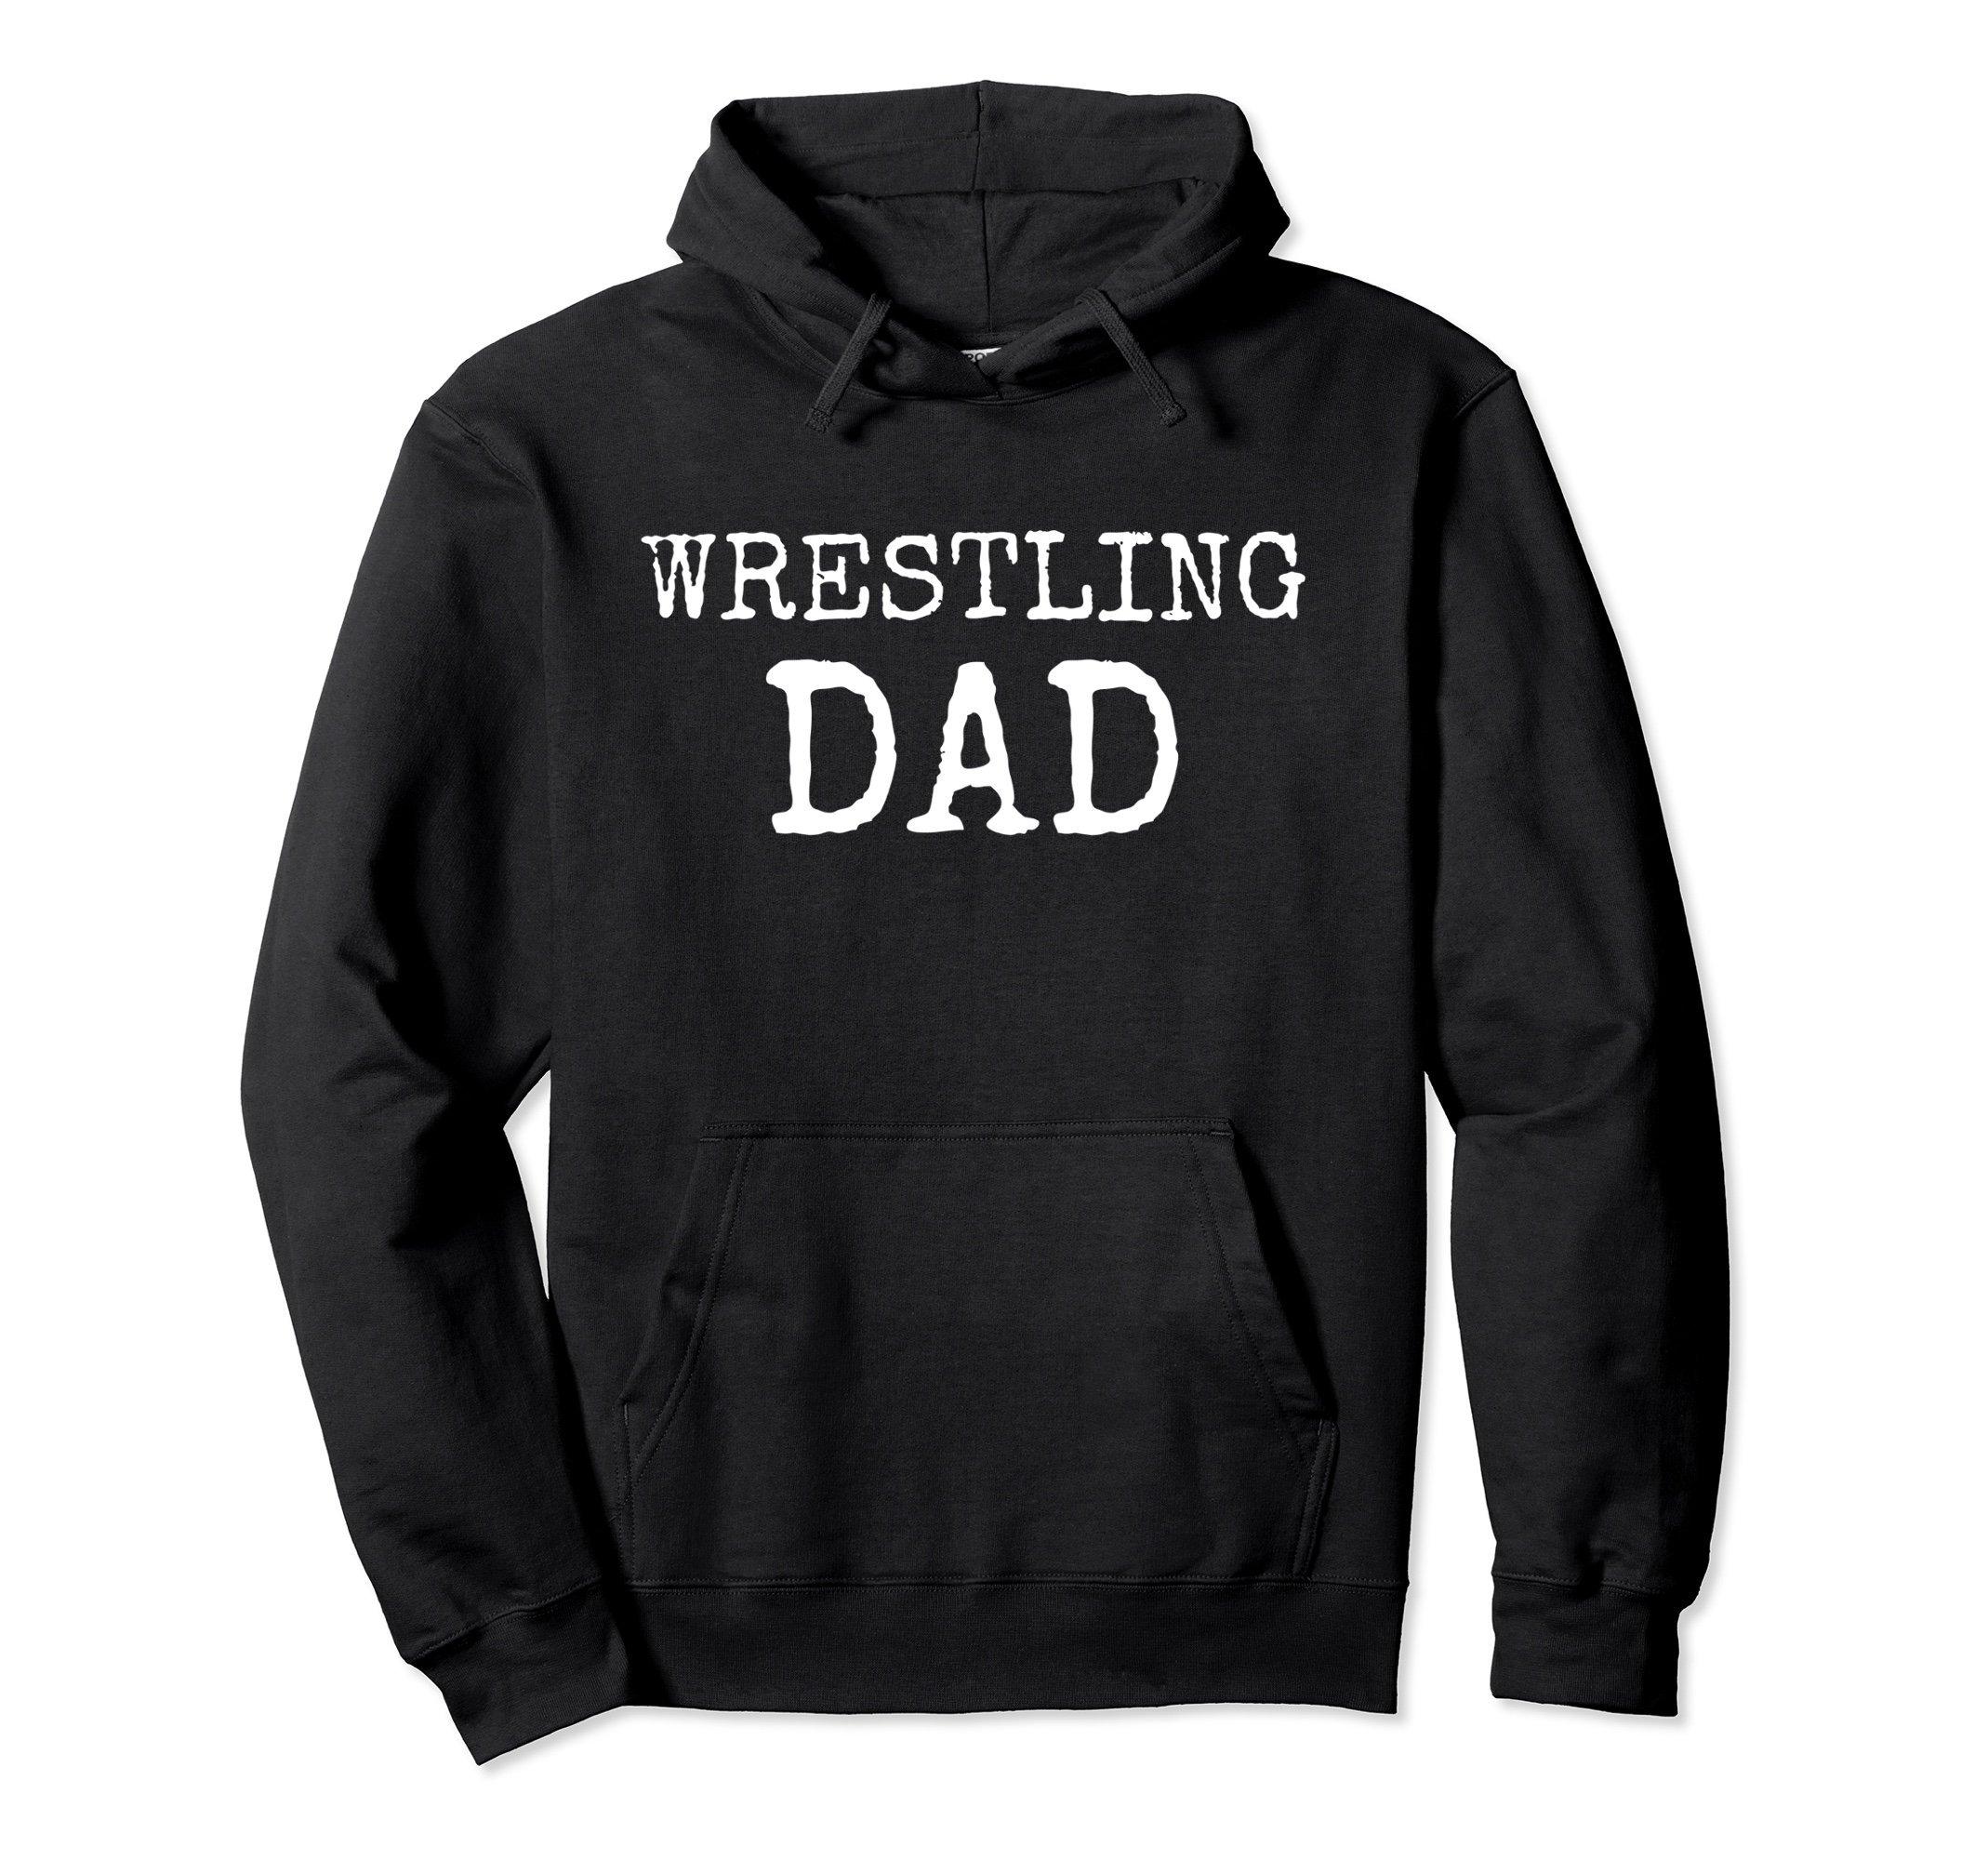 Unisex Wrestling Dad Hoodie - Wrestling Dad Hooded Sweatshirt Medium Black by Wrestling Family Tees